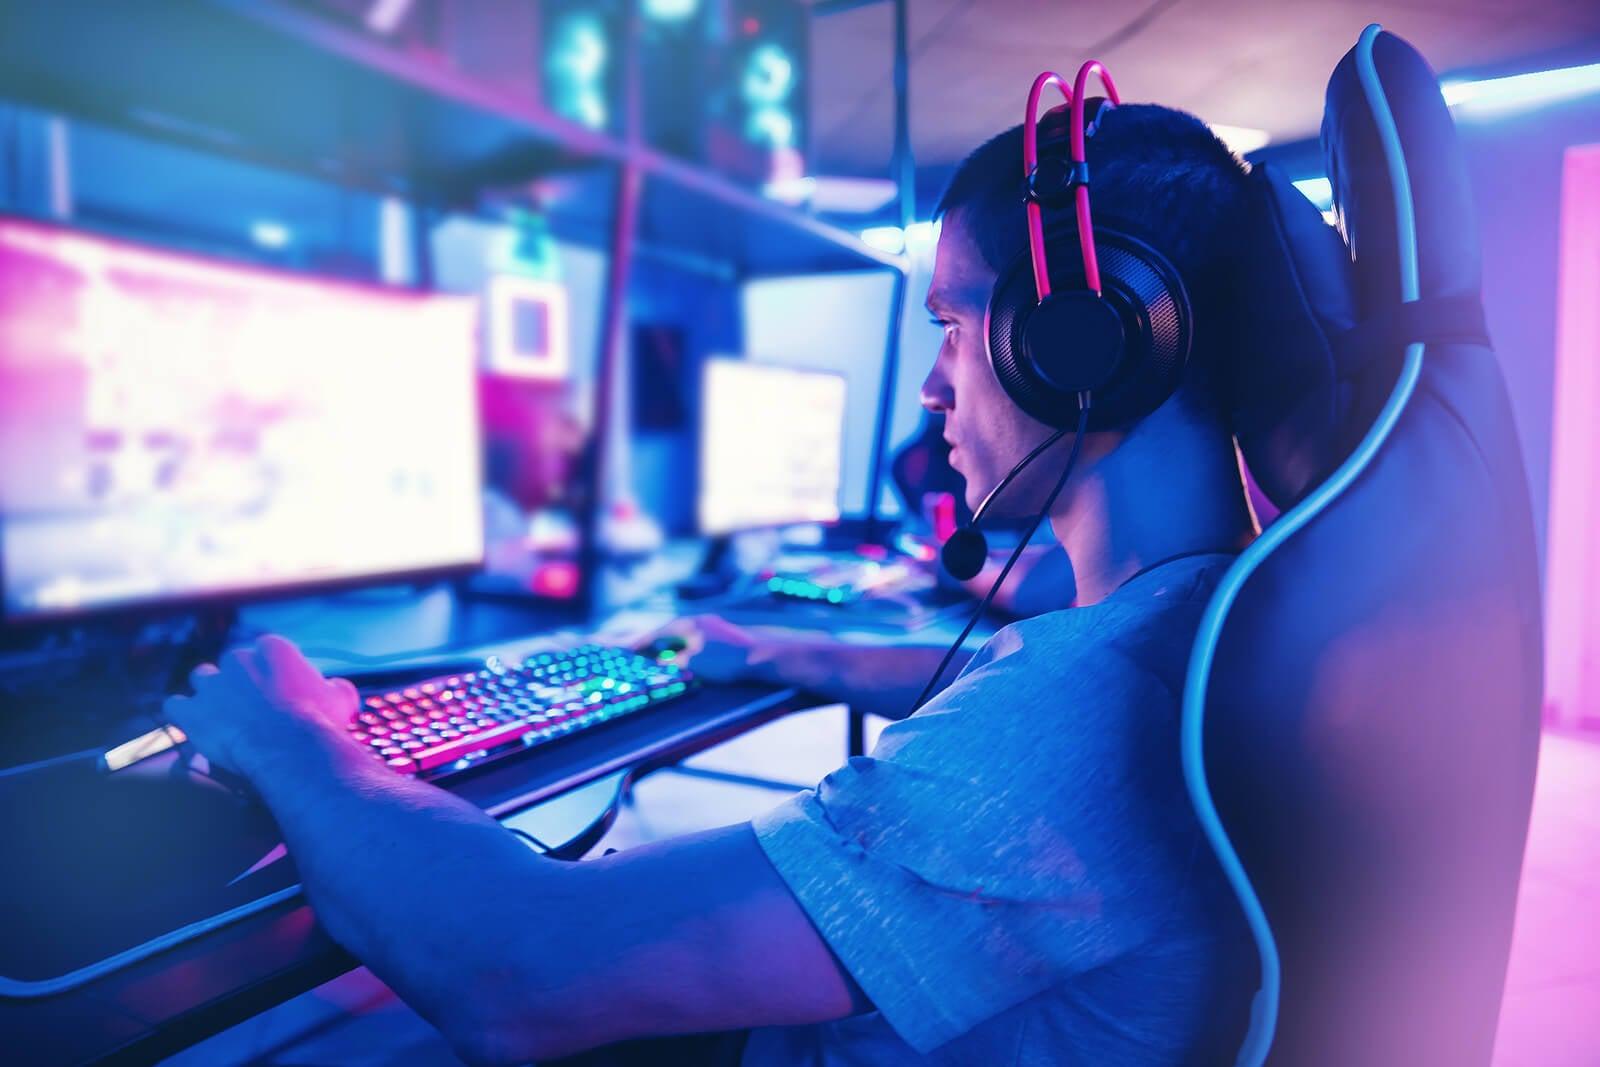 Chico adolescente practicando con videojuegos porque quiere ser gamer.